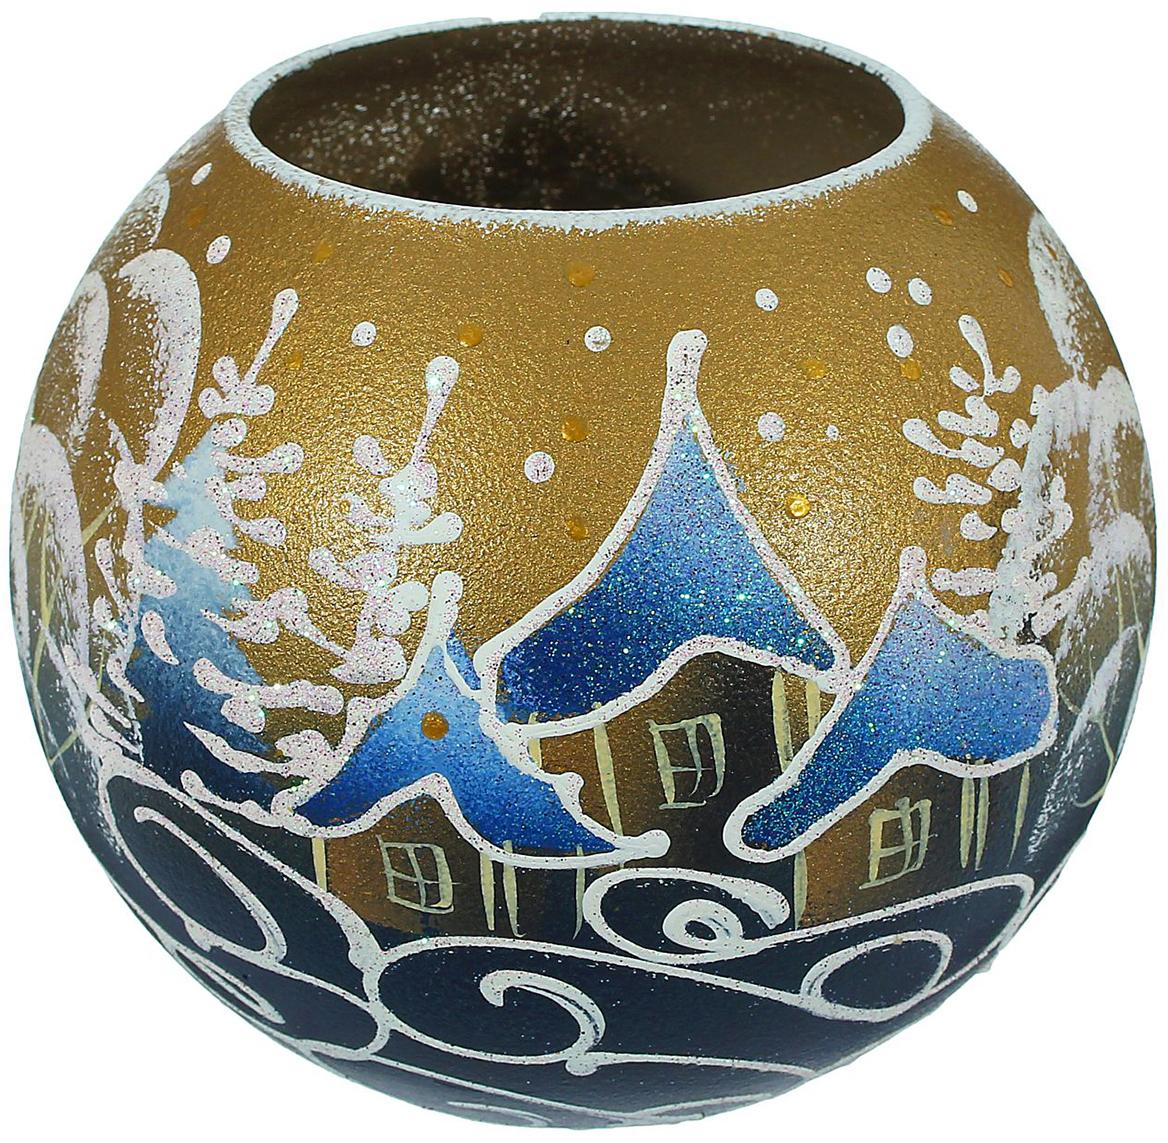 Ваза-подсвечник Золотое небо, цвет: золотой, 13 см1466255В чём волшебство Нового года? В чарующих праздничных огоньках! Оригинальная ваза- подсвечник с ручной росписью создаст в помещении тёплую уютную атмосферу. Простоустановите в вазочке свечу, зажгите её и наслаждайтесь прелестью зимних праздников. Эта ваза - универсальное украшение, используйте её как подсвечник или как сосуд для цветов иблестящих декоративных веточек. Изделие выдувается мастером, затем на него наносится роспись. Хрупкий материал икропотливые детали превращают каждую вазу в произведение творчества, вторую такую же ненайти. Этот аксессуар станет уникальным новогодним подарком. Порадуйте себя и близкихсказочным настроением!